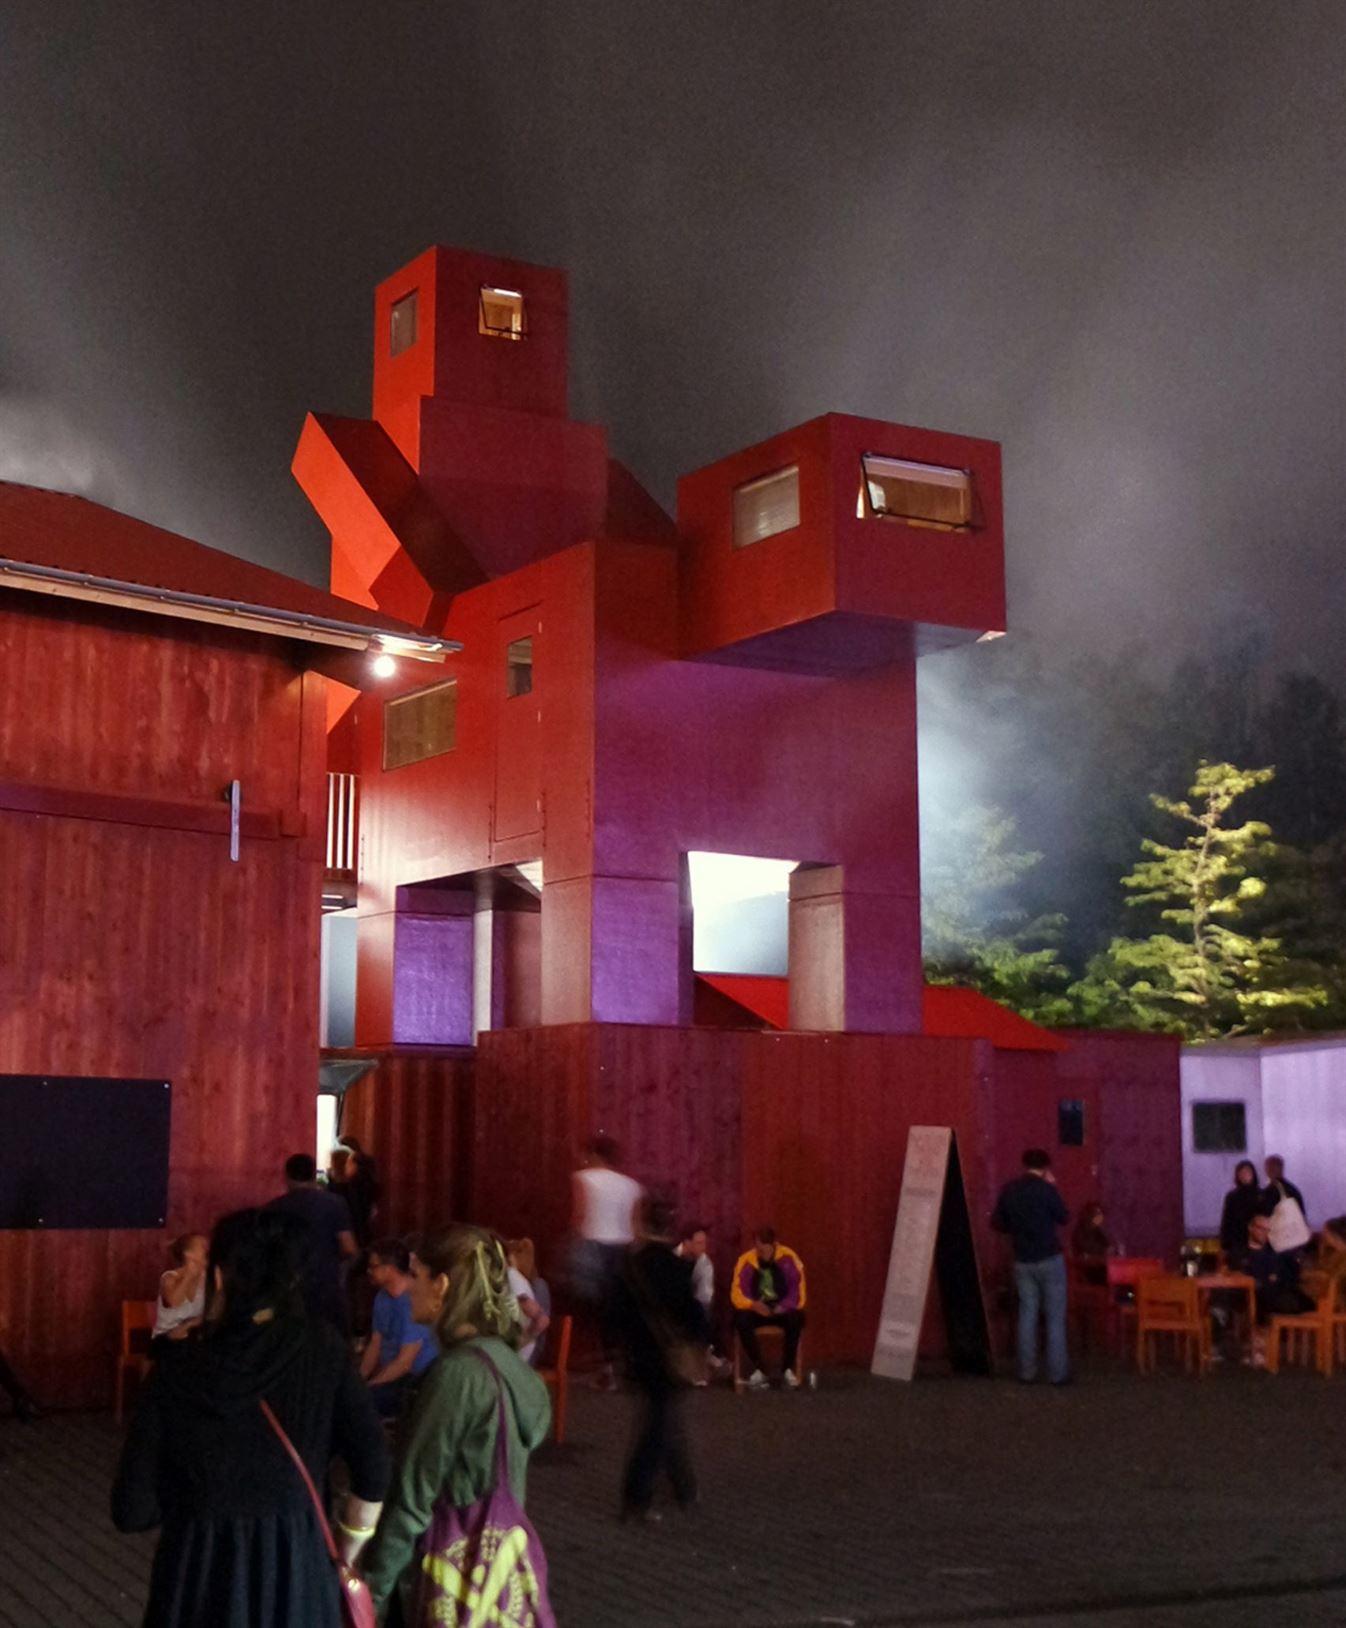 louvre-bans-atelier-van-lieshout-sculpture-news_dezeen_2364_col_1-e1507114865513-1704x2062